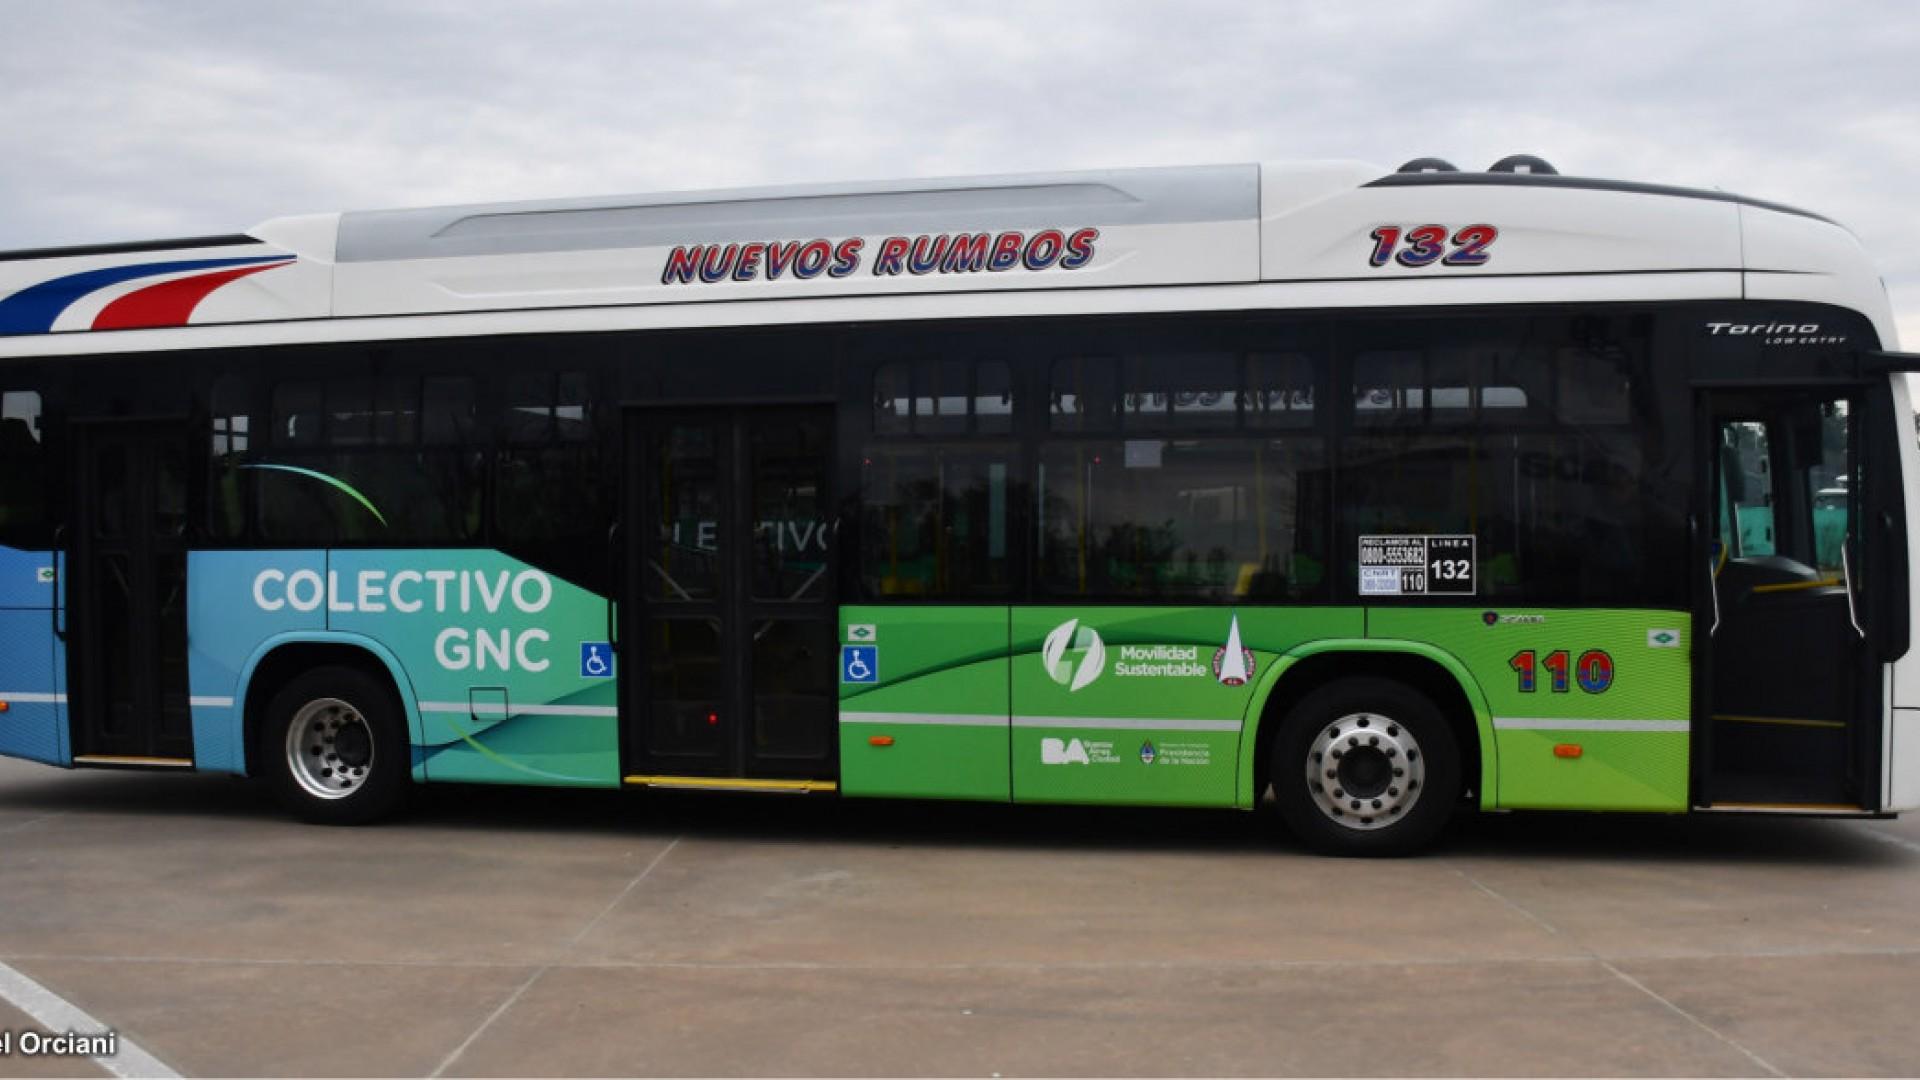 Marcopolo, em Parceria com a Scania, Desenvolve Primeiro Ônibus Urbano Movido a GNV da Argentina